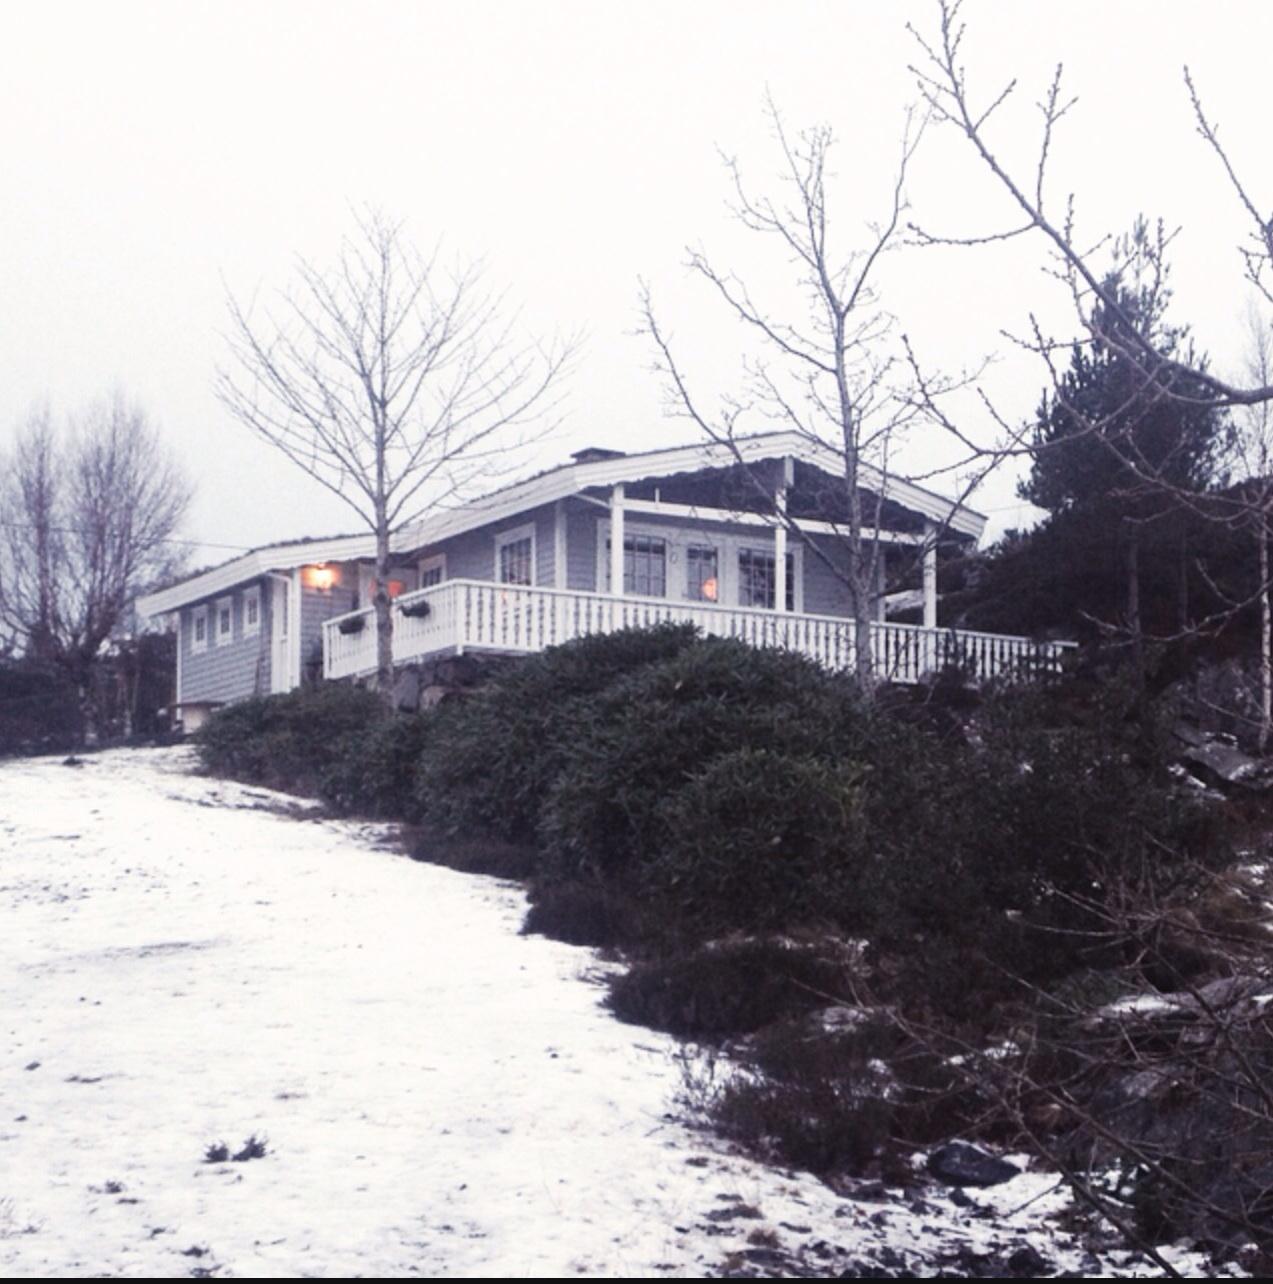 Fikk litt snø på hytta, litt surt og kaldt så derfor ble det innekos hele helgen